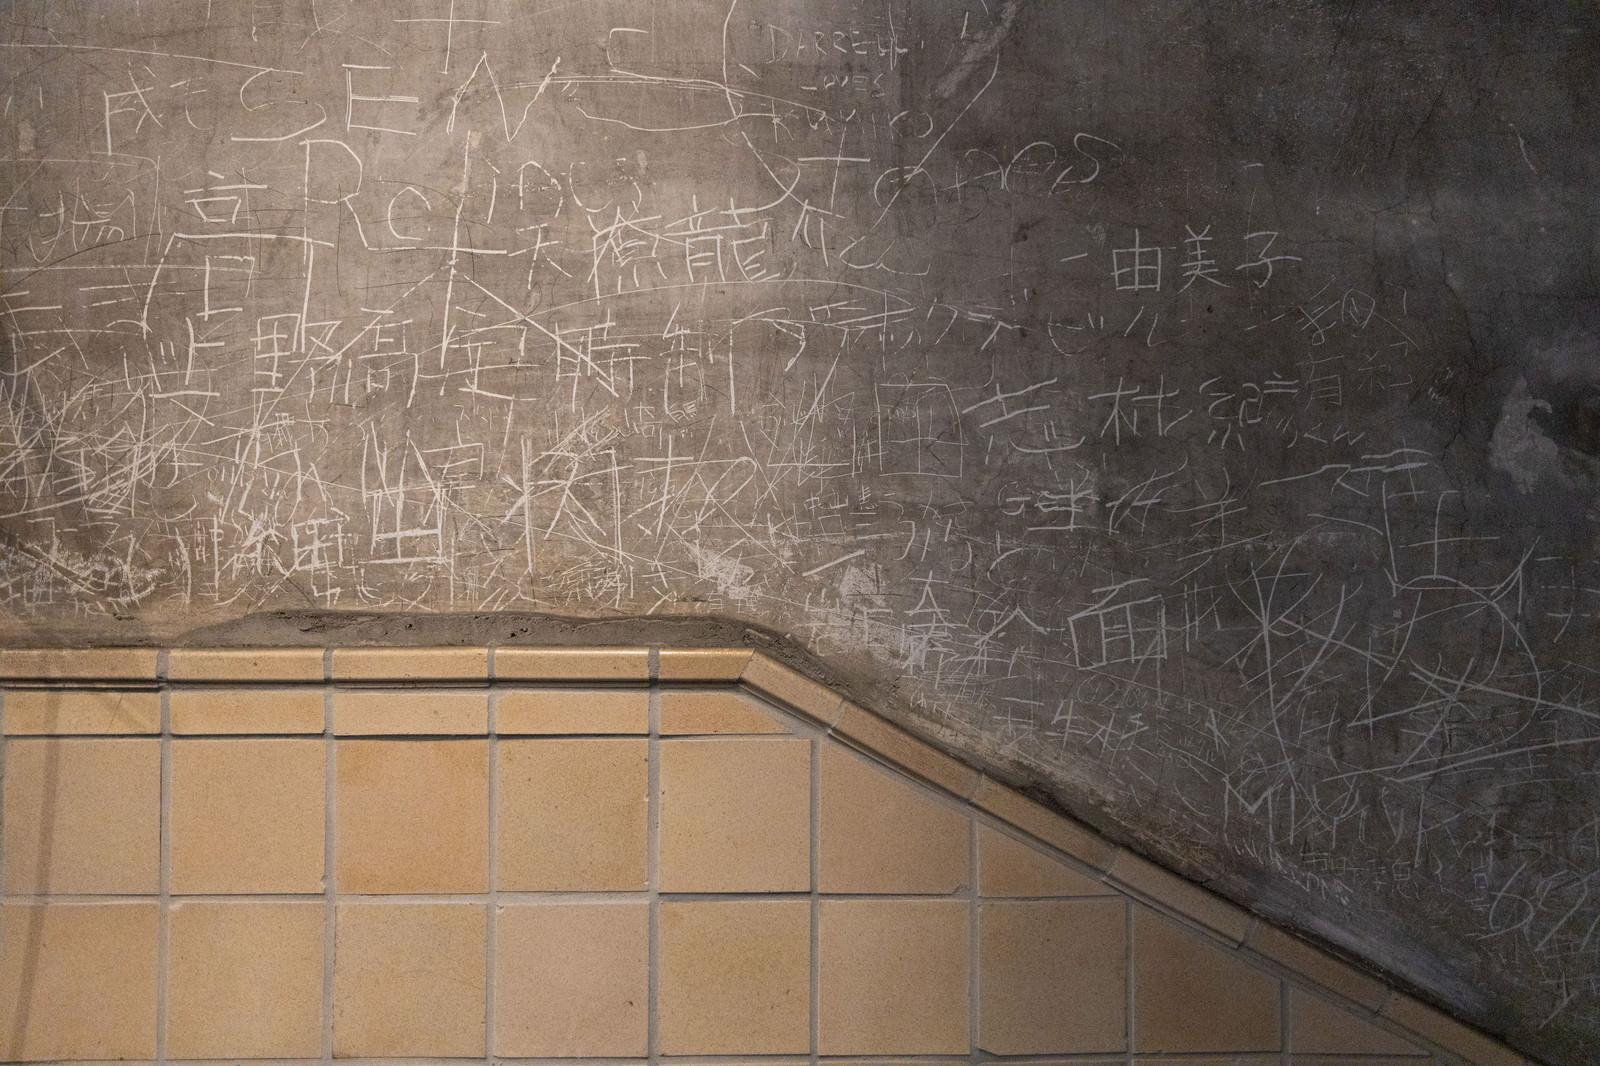 「落書きだらけの壁」の写真